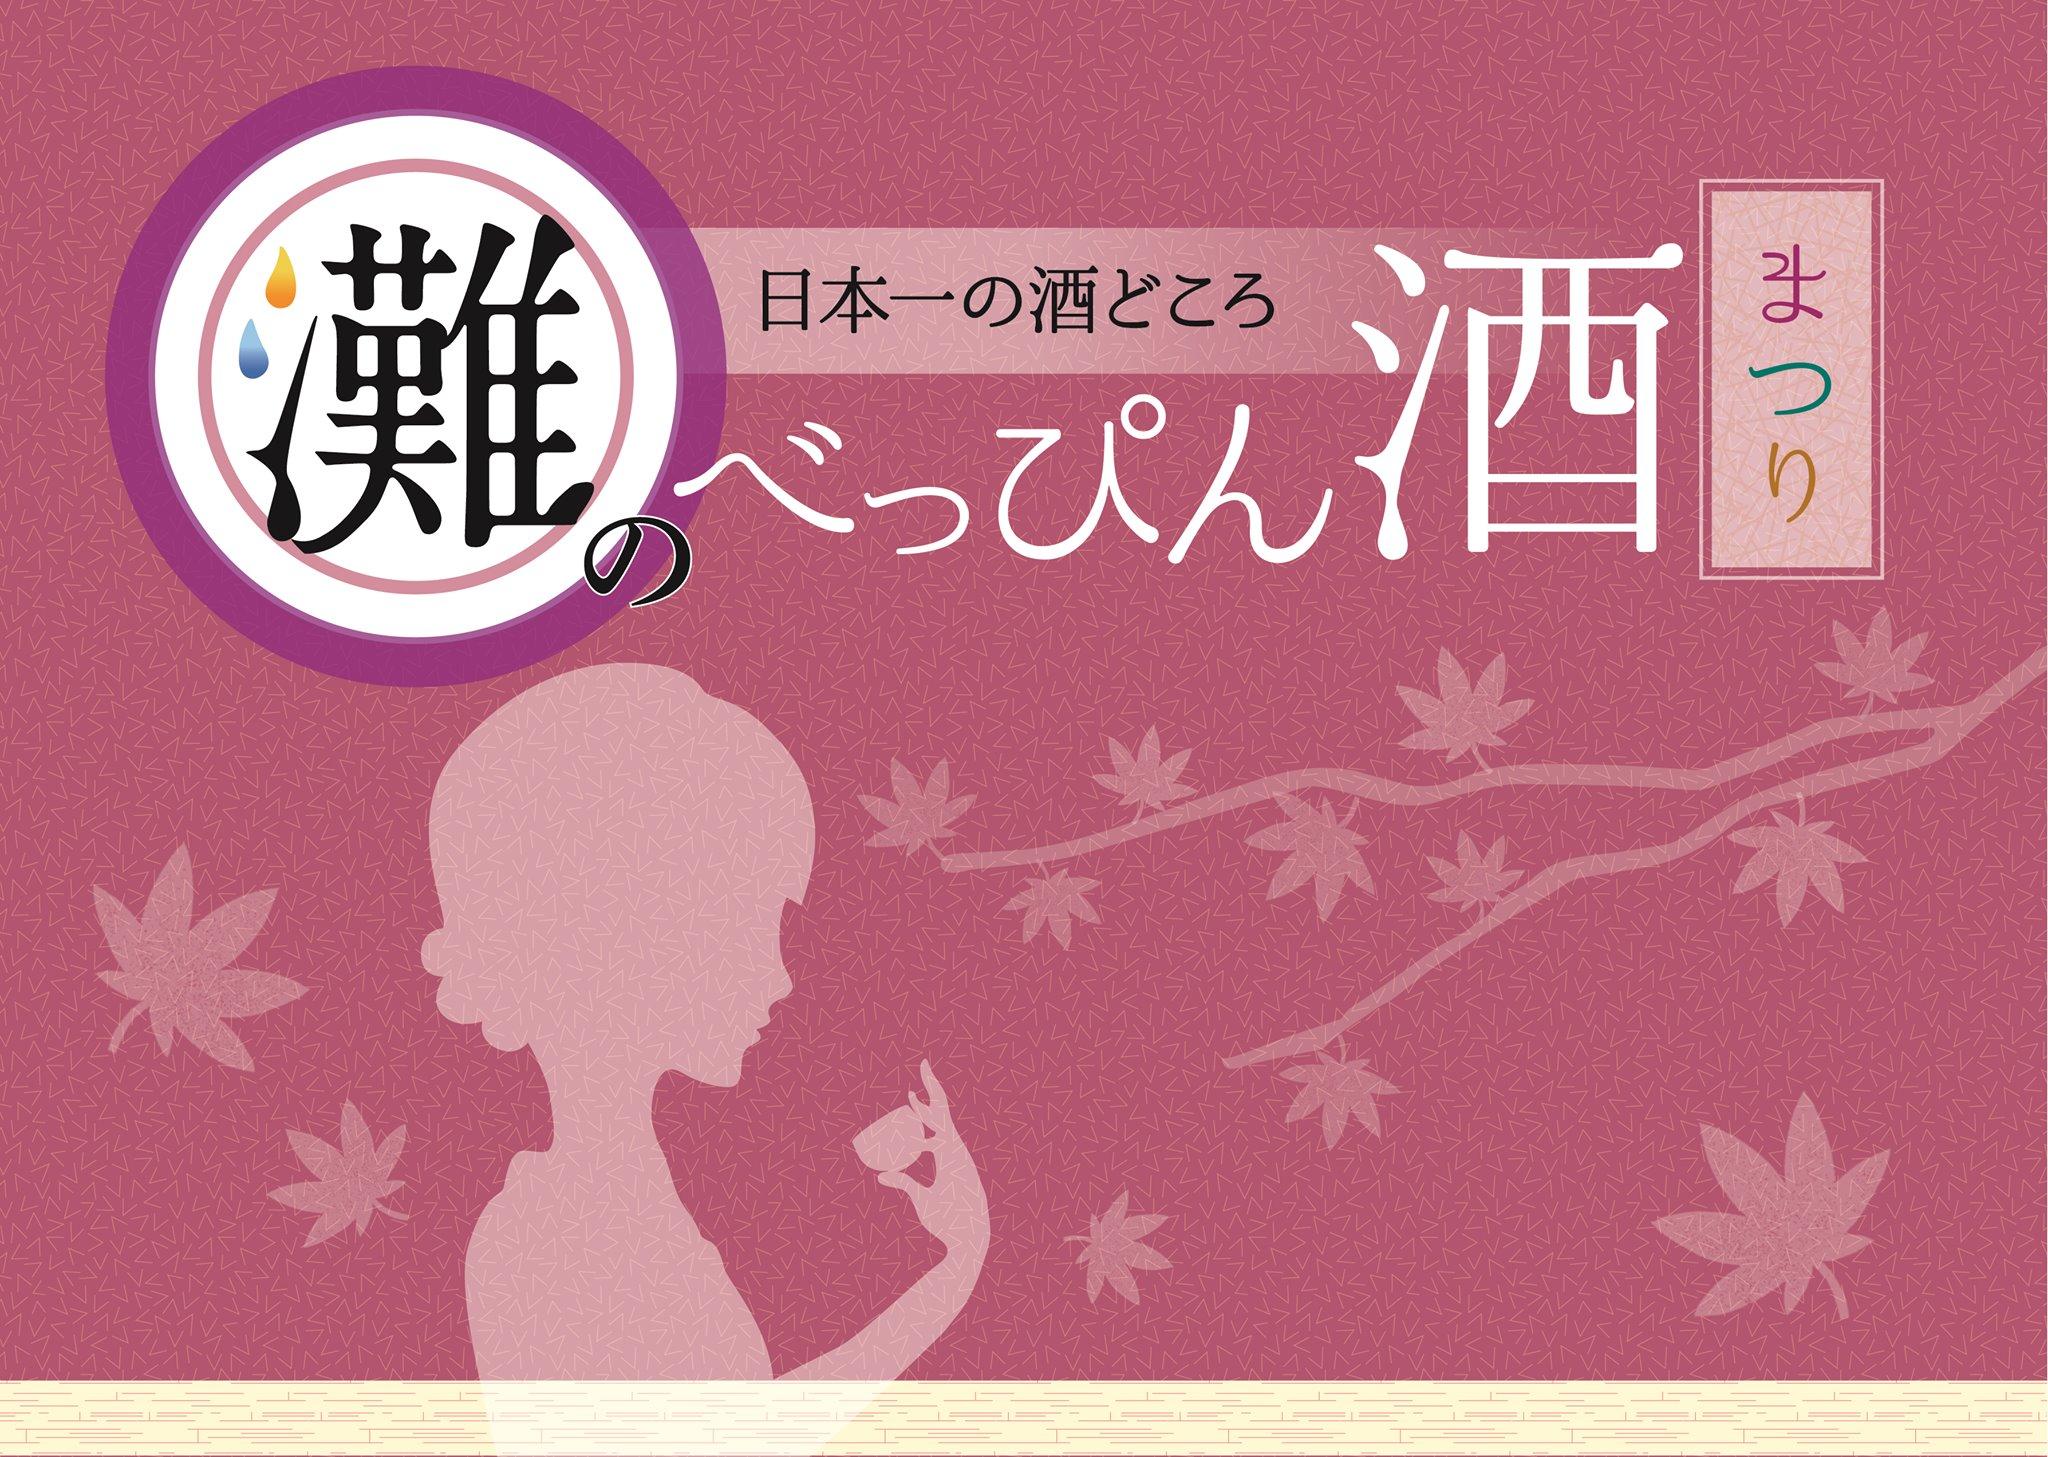 神戸・御影クラッセで「灘のべっぴん酒まつり」が10/22、10/23に開催されるよ【告知】